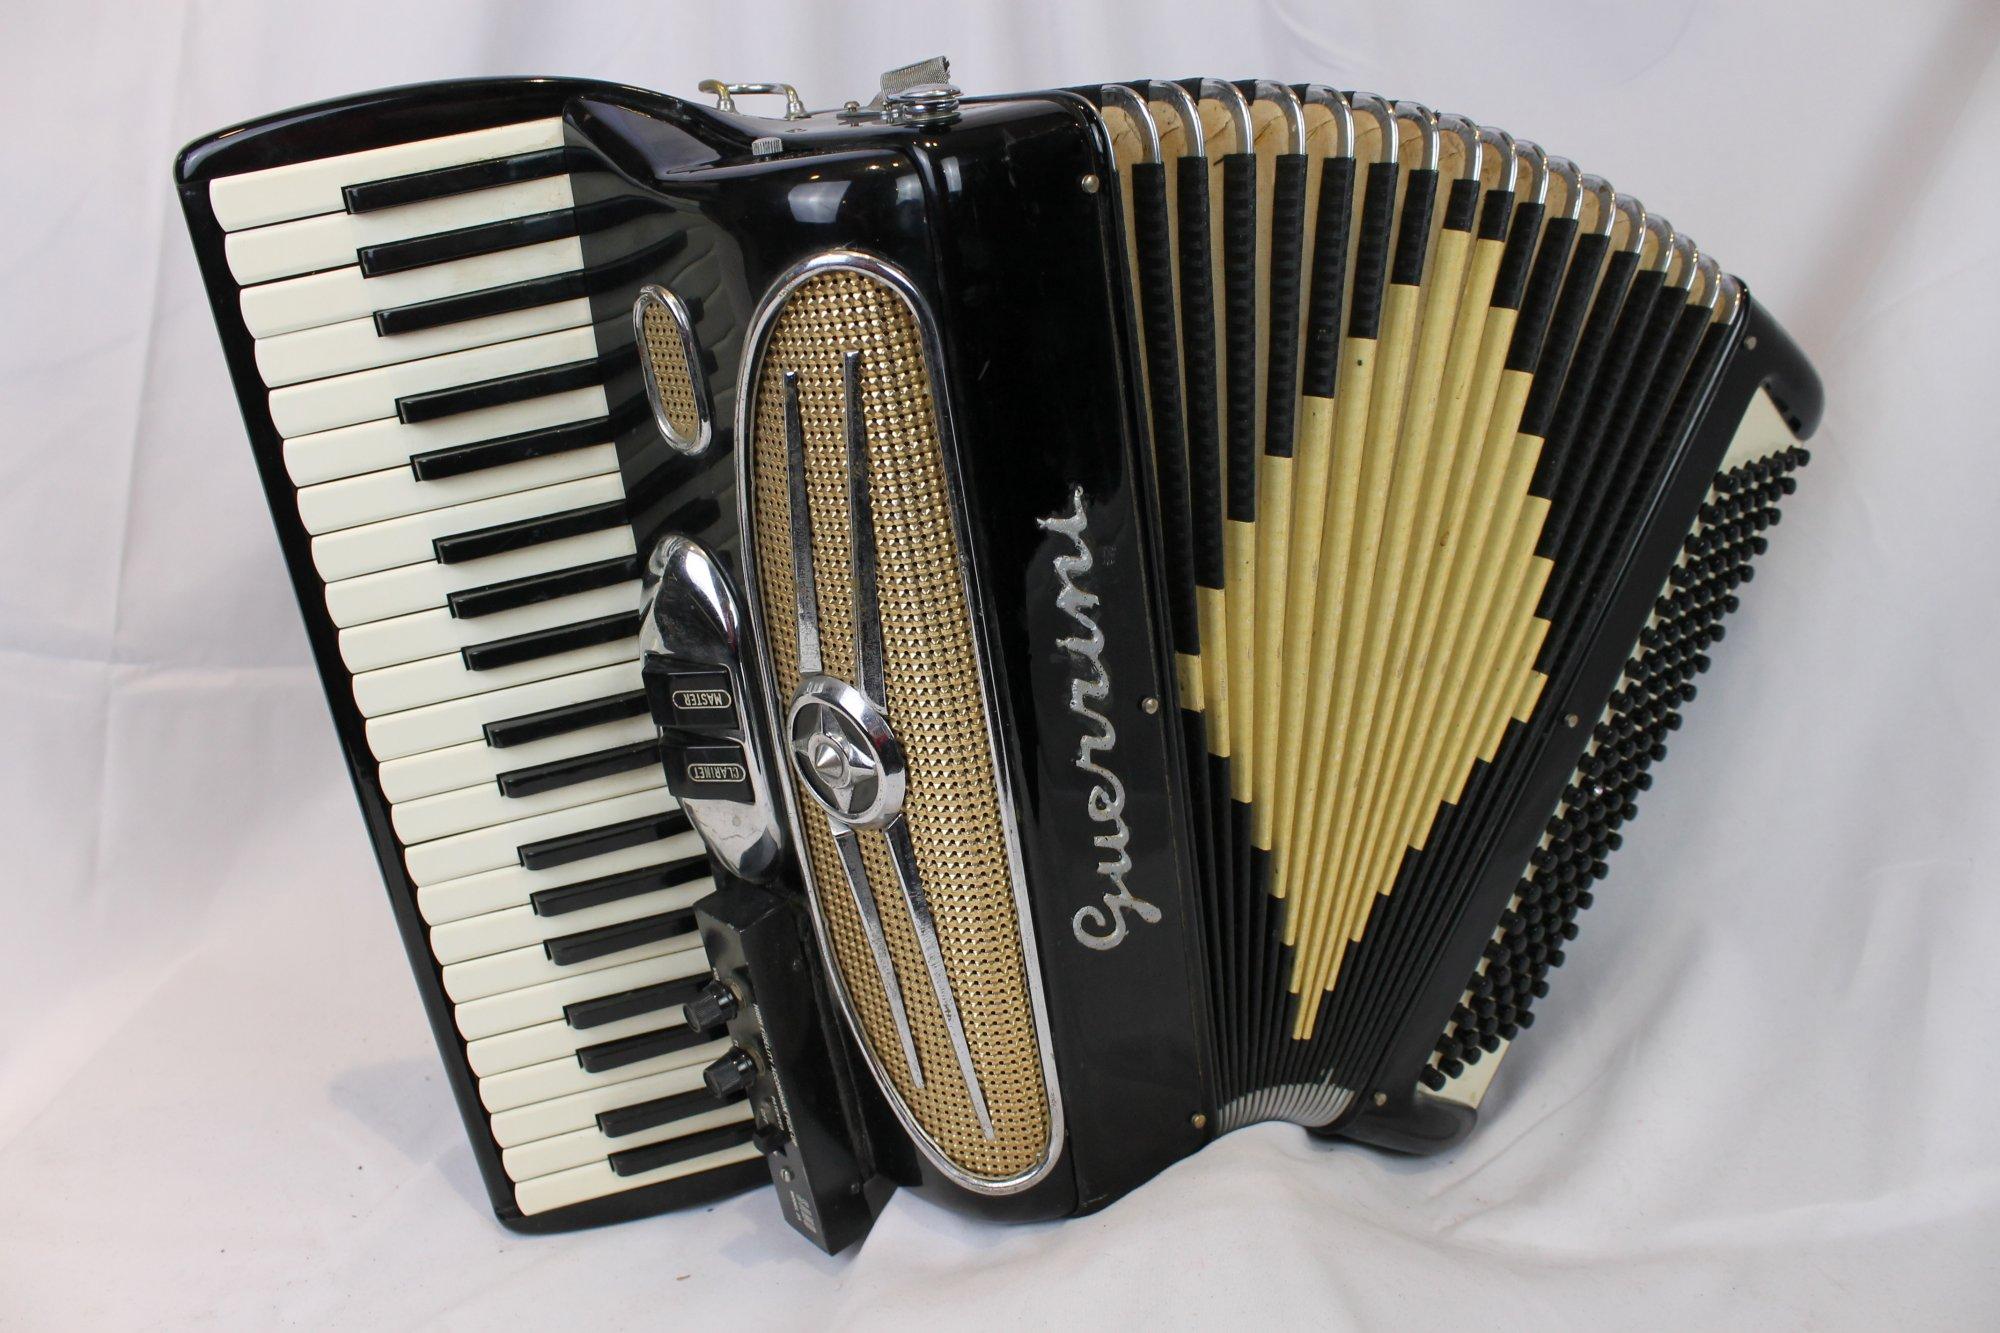 4163 - Black Guerrini Piano Accordion LM 41 120